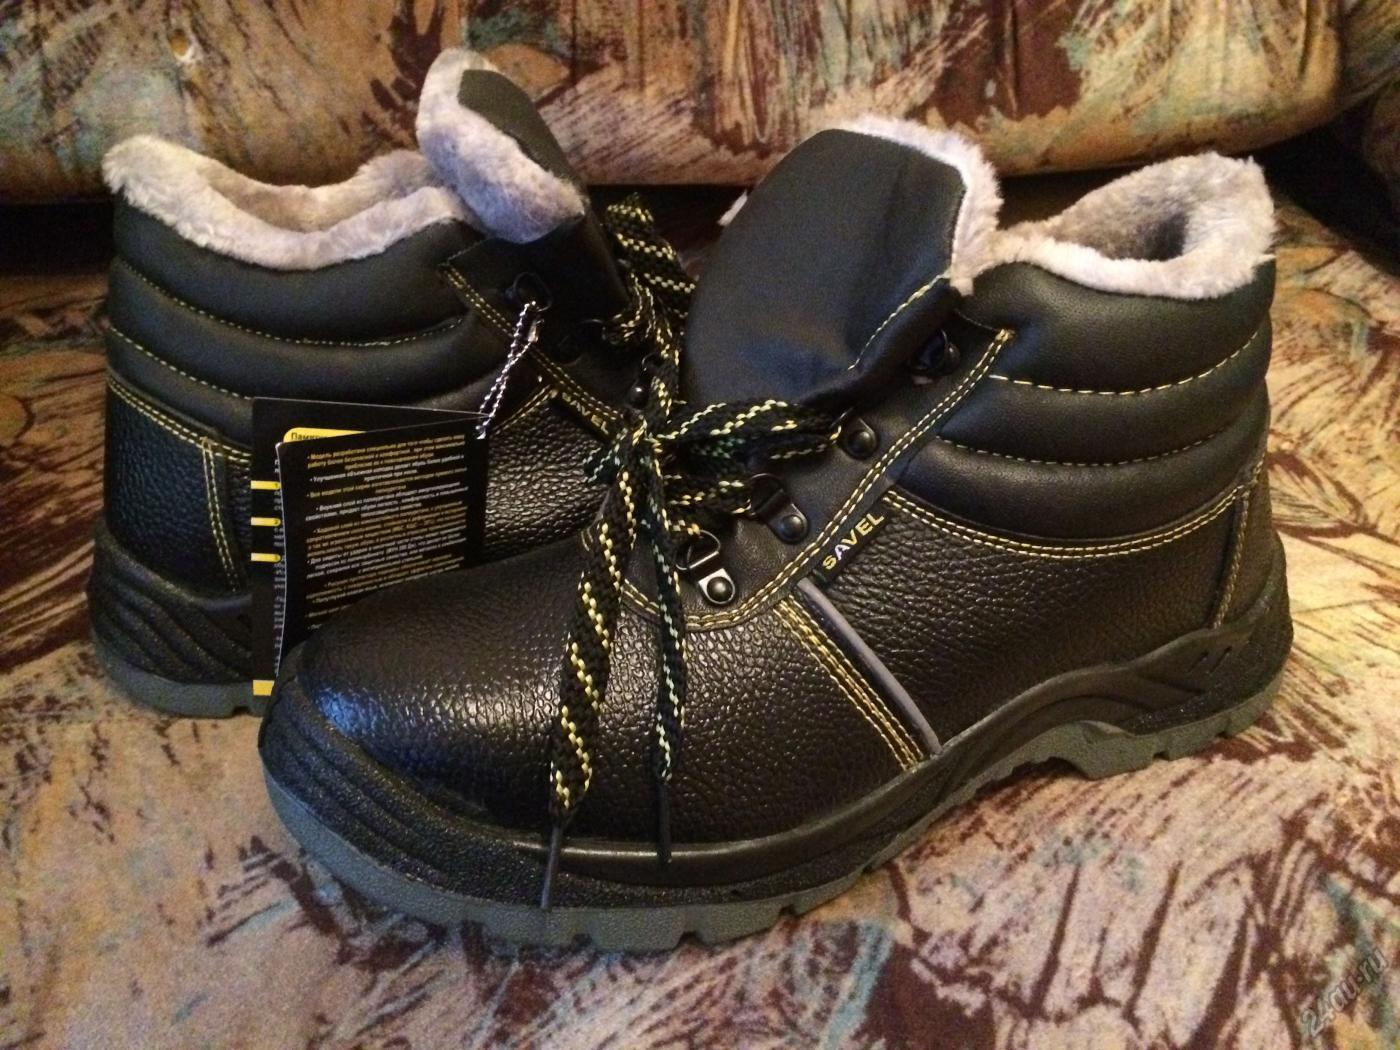 Зимняя обувь для строительных работ. Купить спецодежду по цене производителя